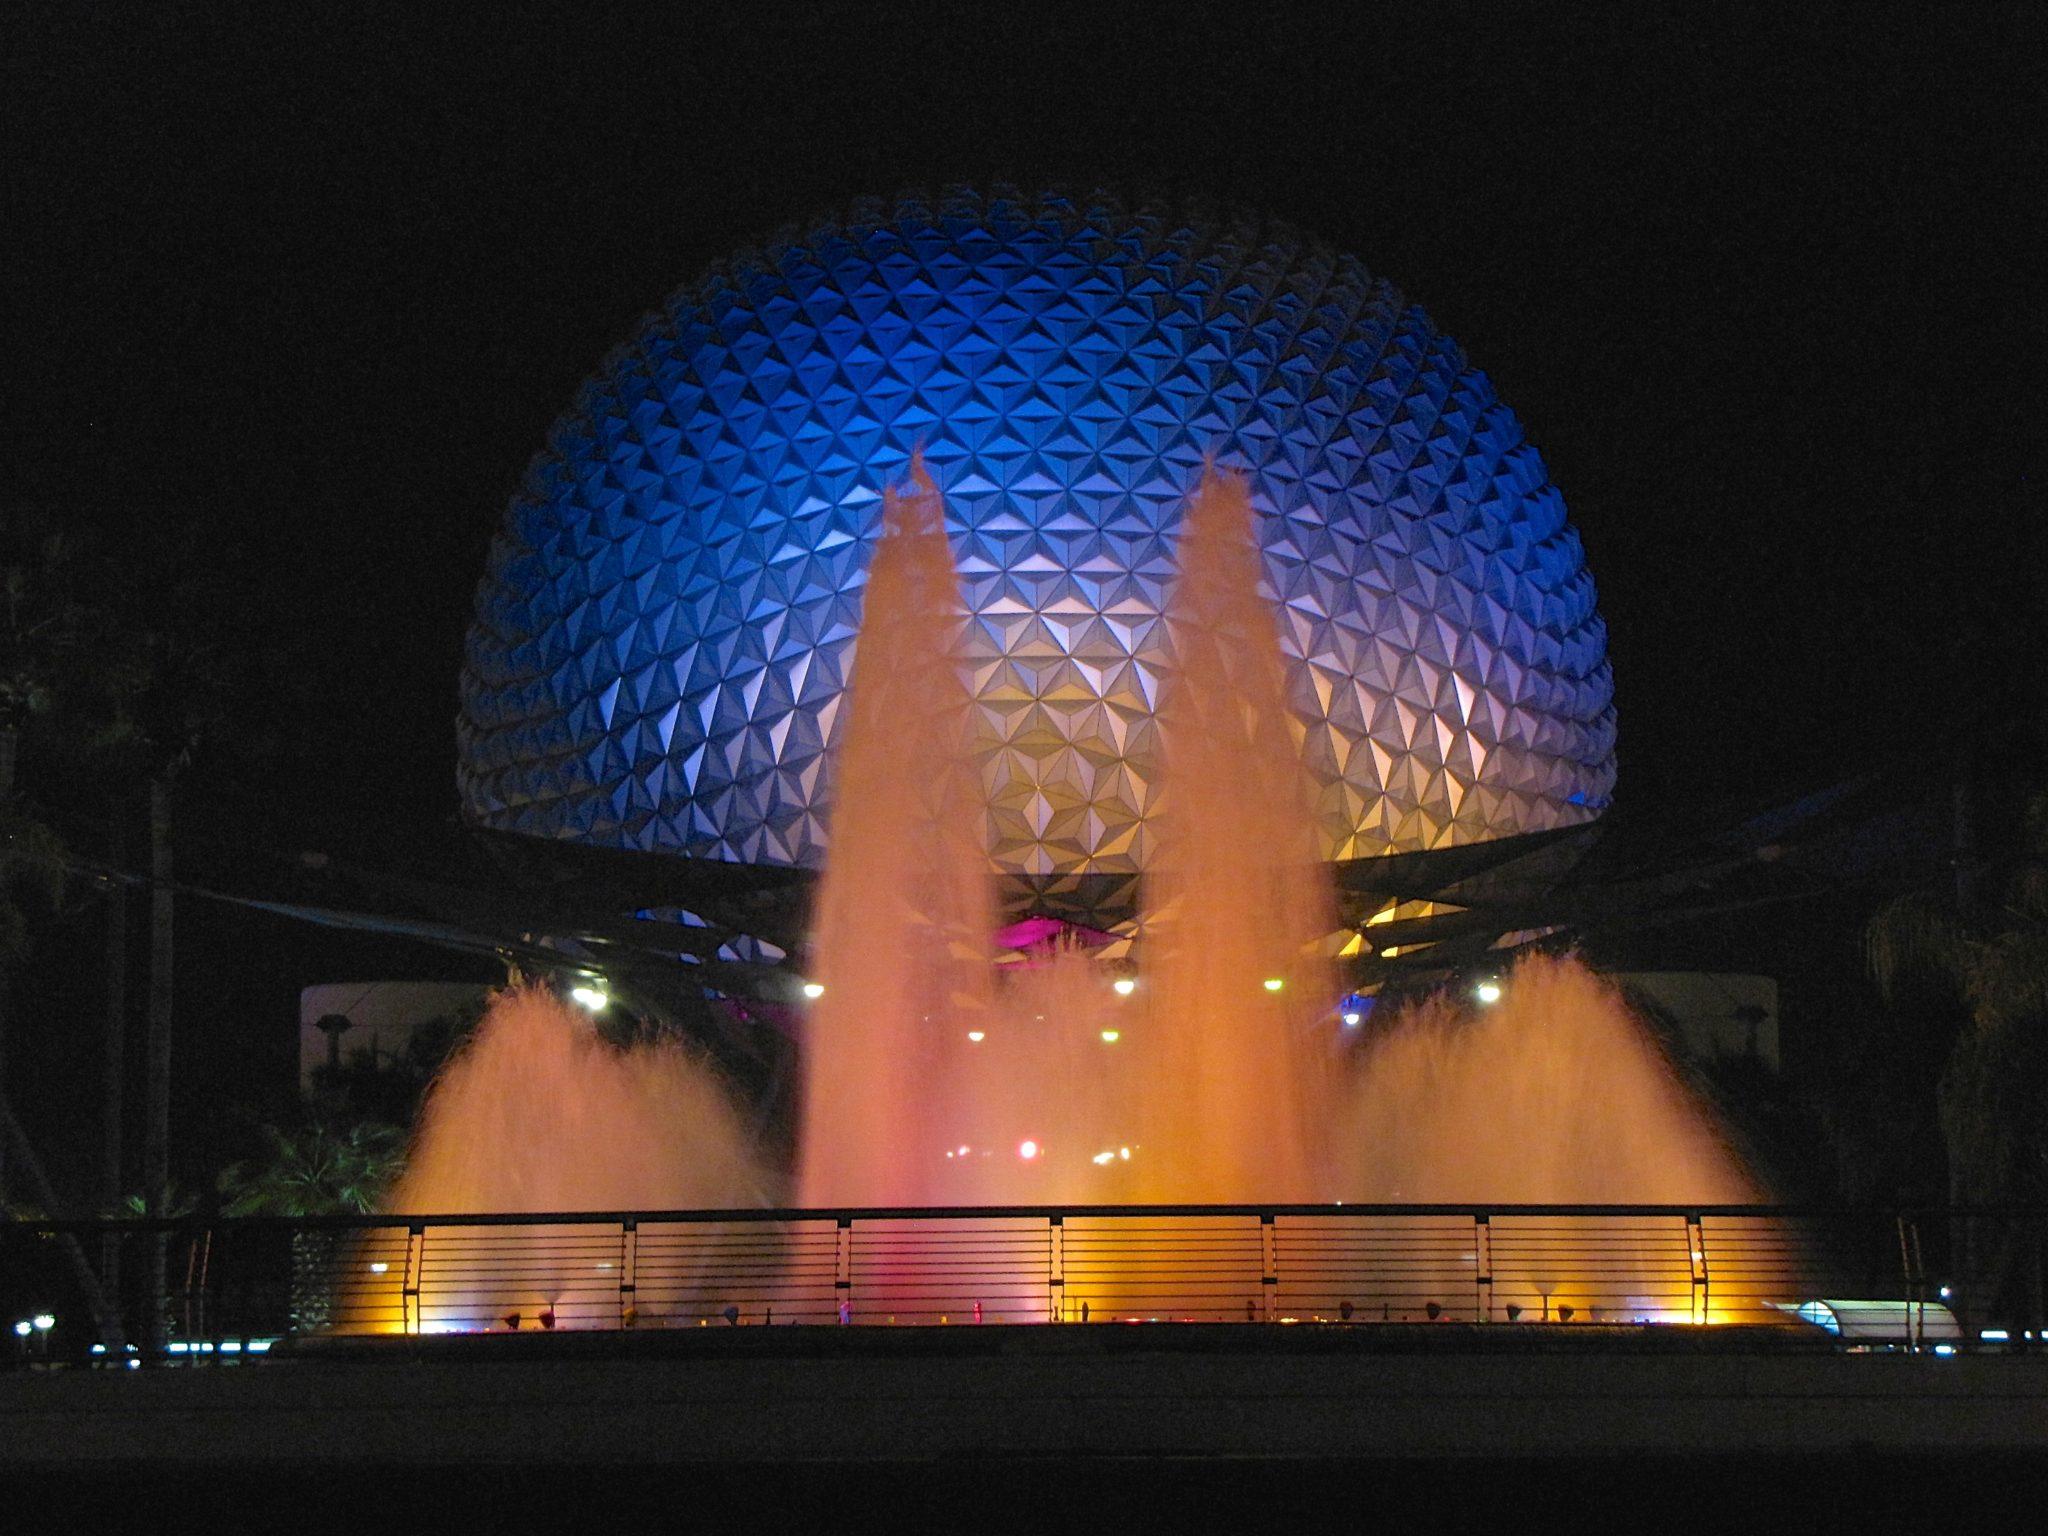 Epcot Center in Orlando, Florida